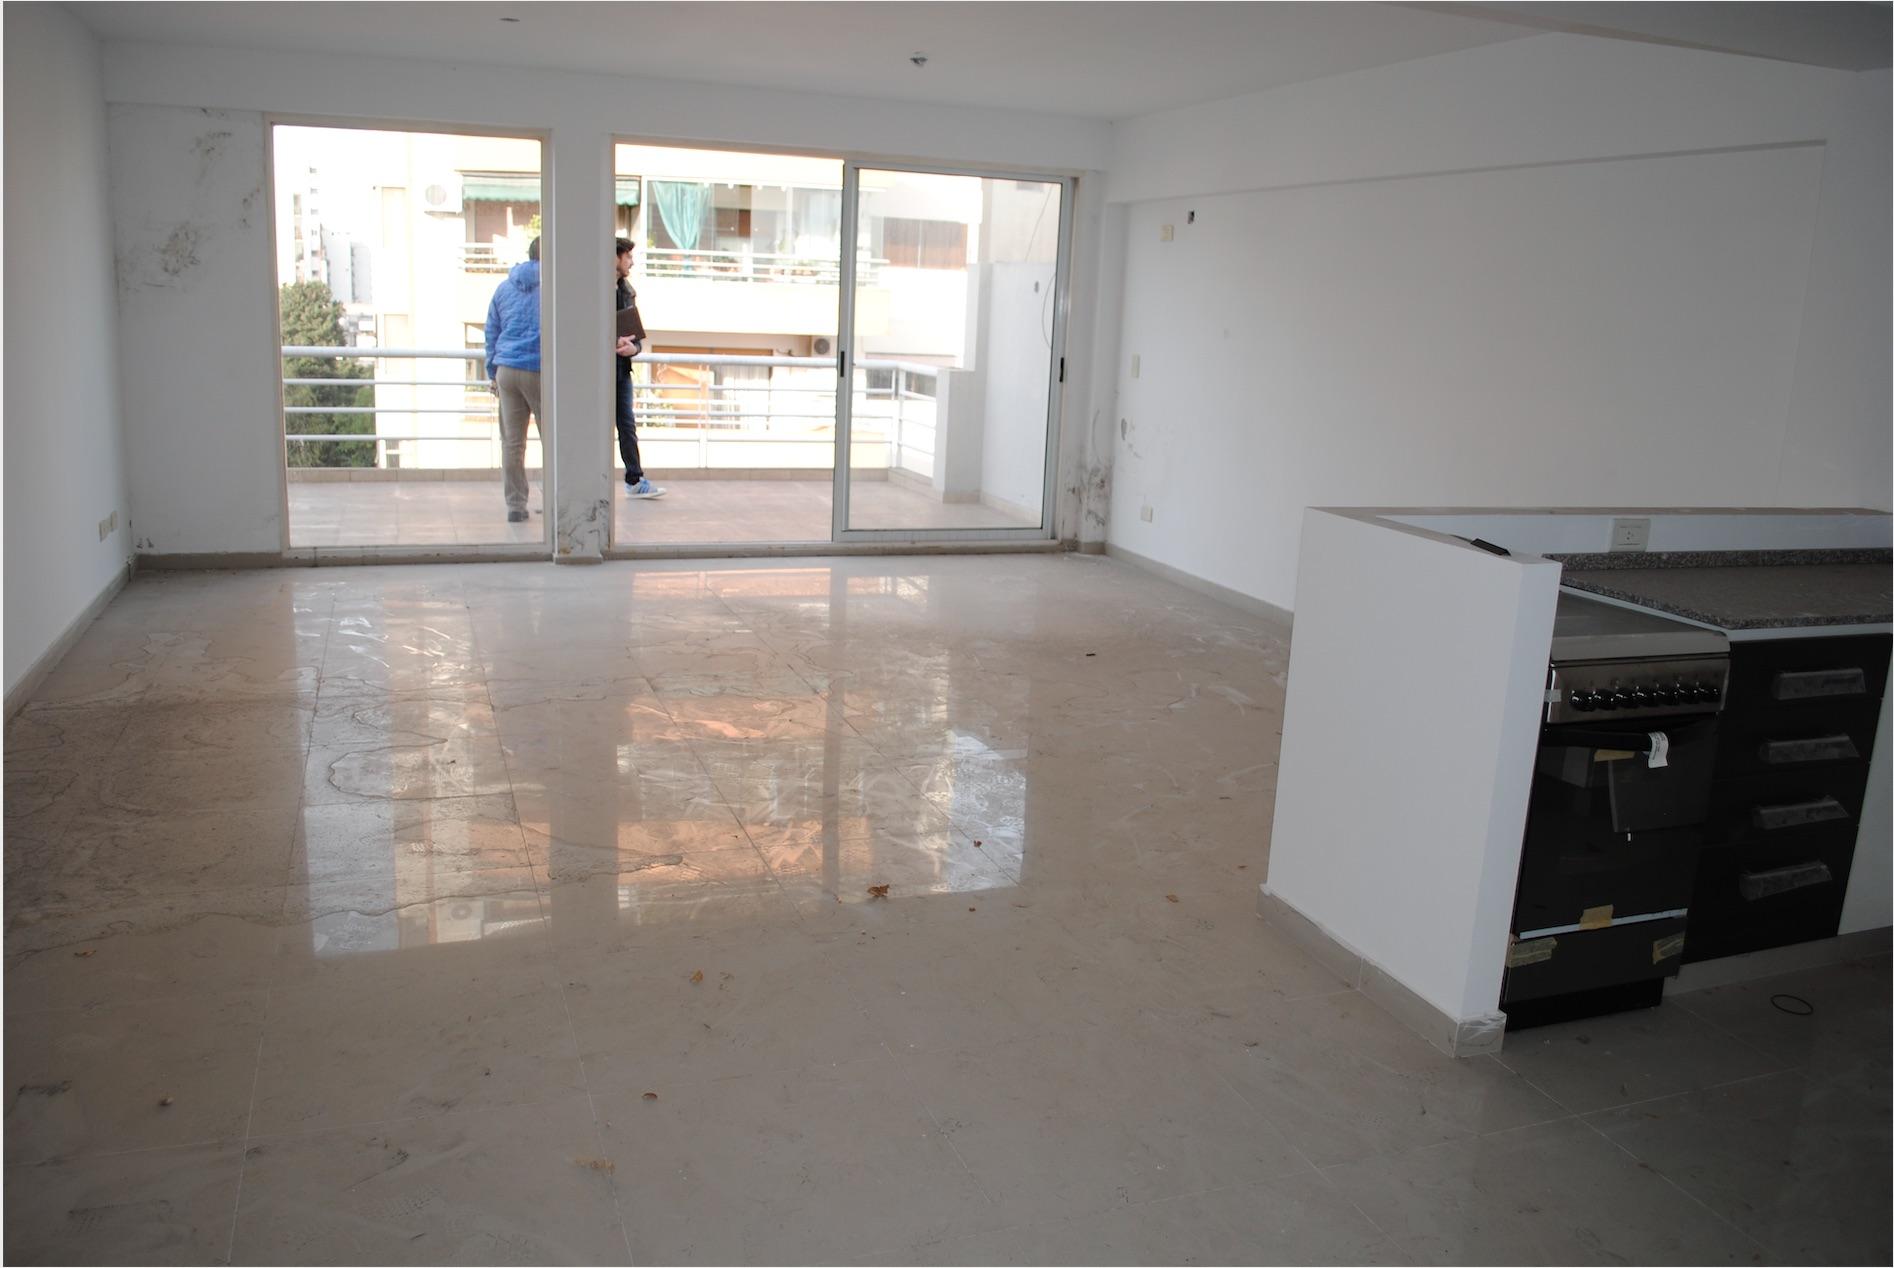 Departamento en Capital Federal, Almagro | VIF634 | Viñuela & Ferracioli Servicios Inmobiliarios